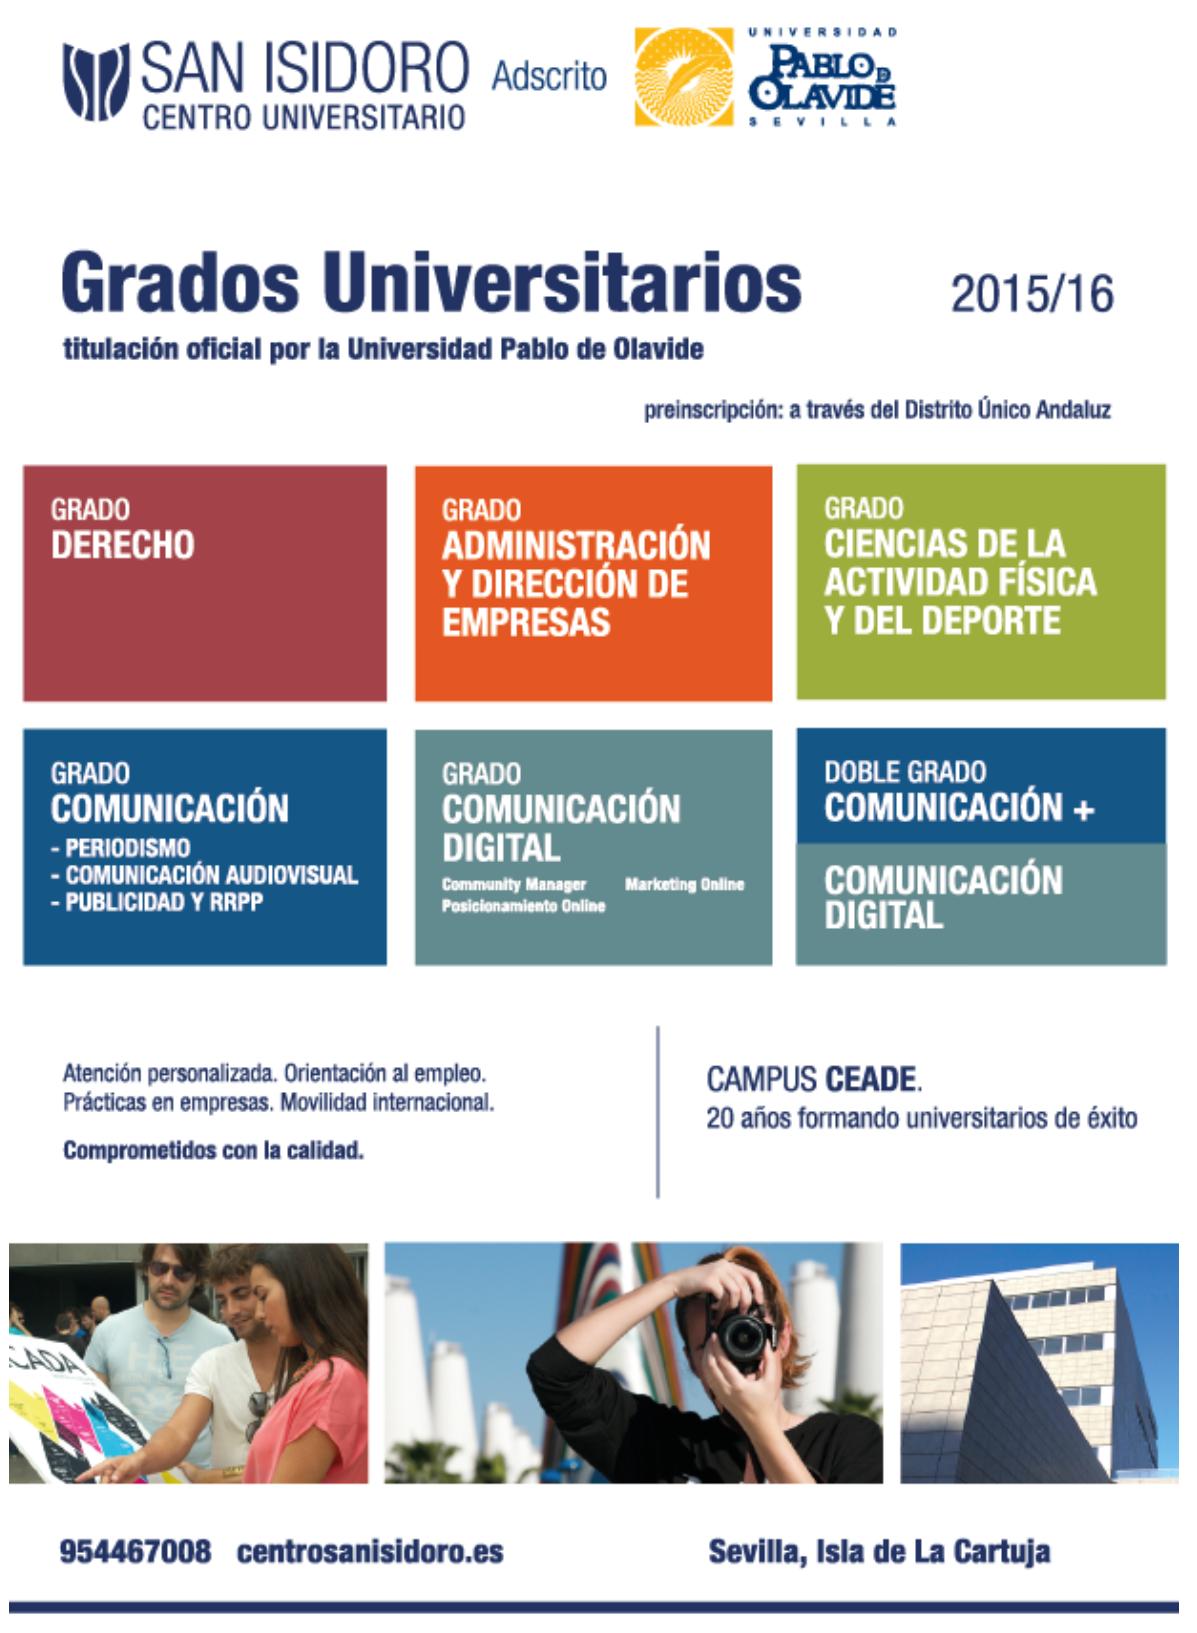 """Entrada """"Centro Universitario San Isidoro"""" (08-06-15), en el blog """"Orientación Santa Ana"""". Enlace: http://orientacionsantaanasevilla.blogspot.com.es/2015/06/centro-universitario-san-isidoro.html"""